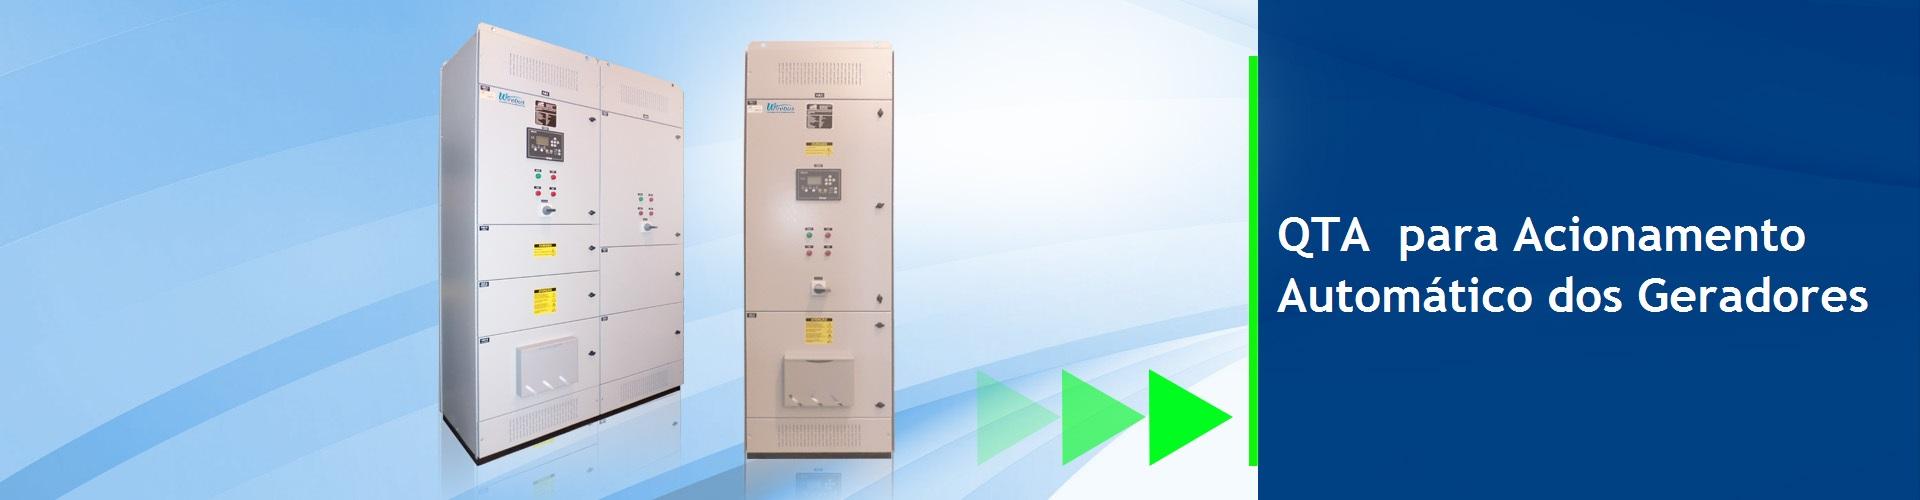 QTA- Quadro de Transferência Automatica